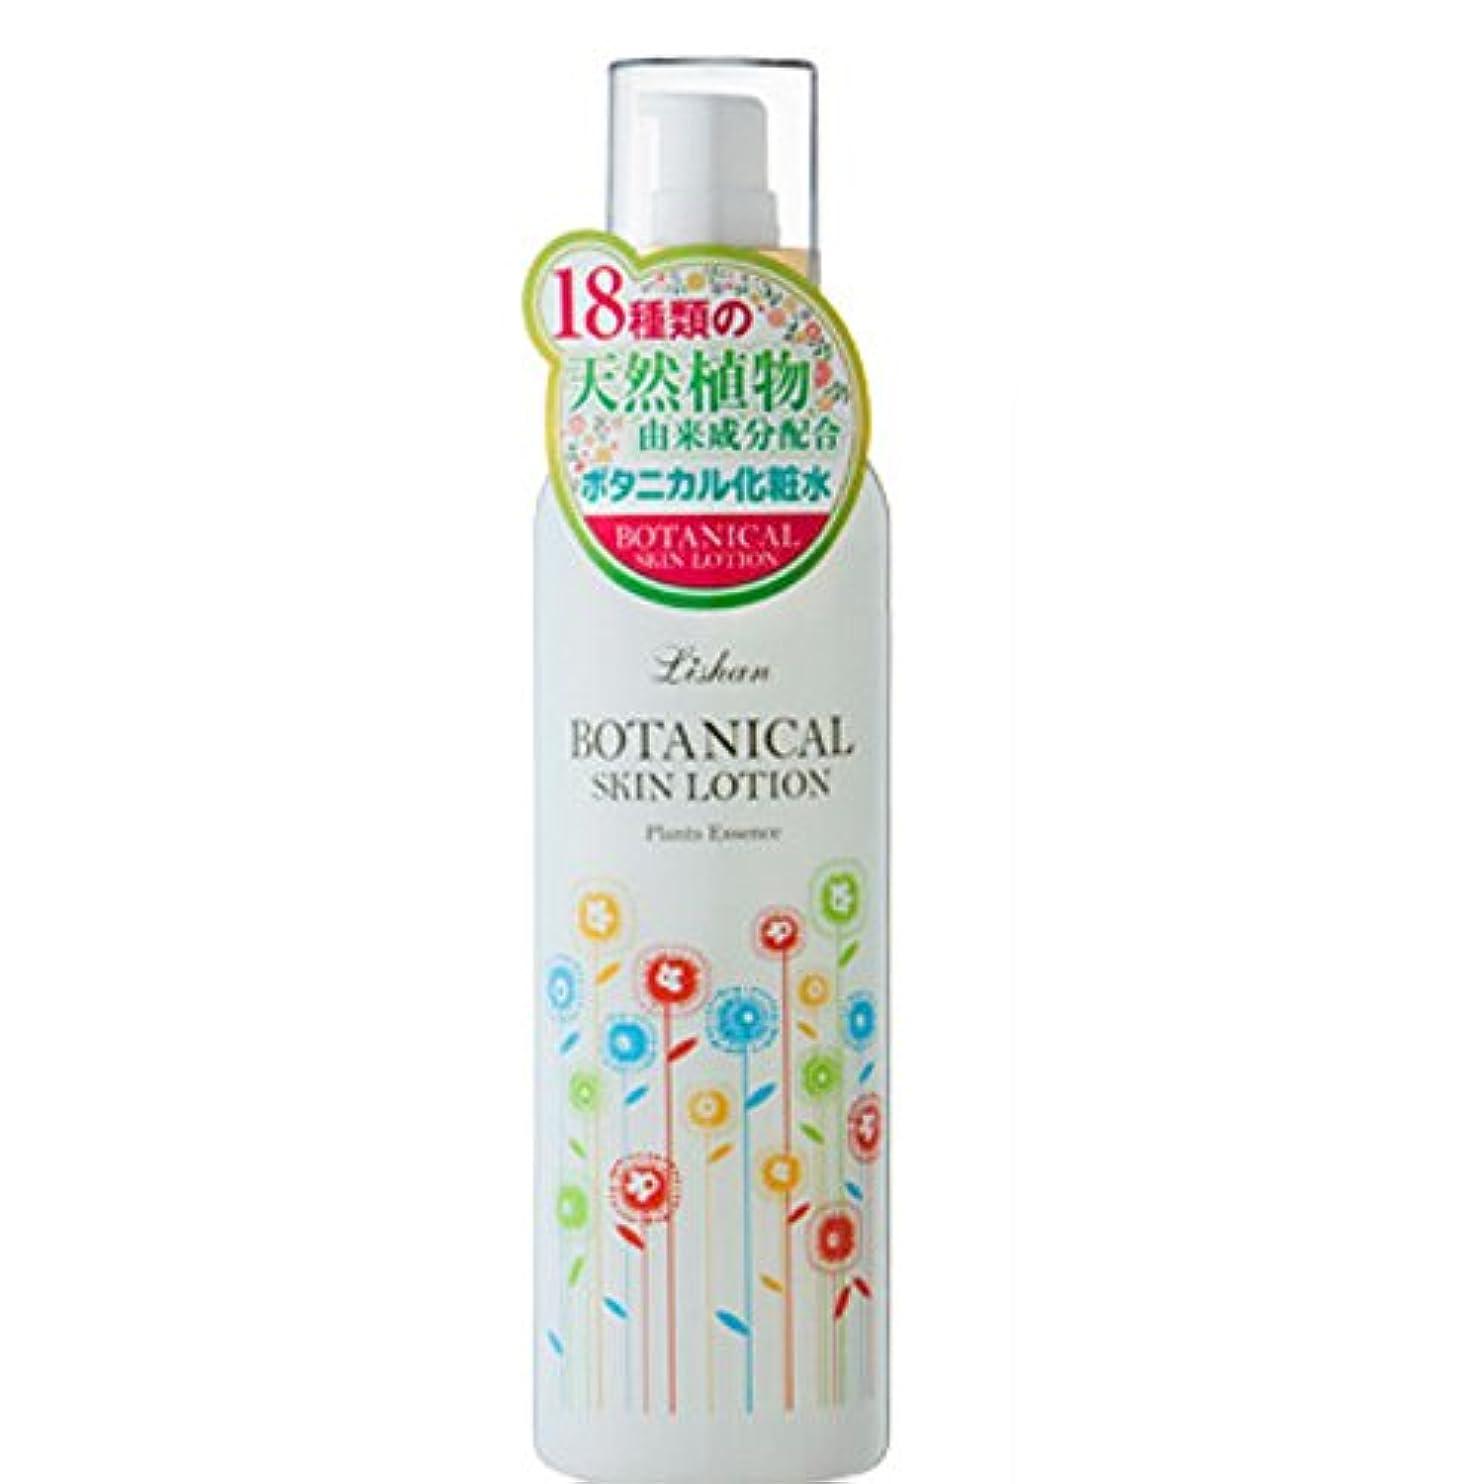 作動する理解開業医アイスタイル リシャン ボタニカル化粧水 フローラルの香り 260ml